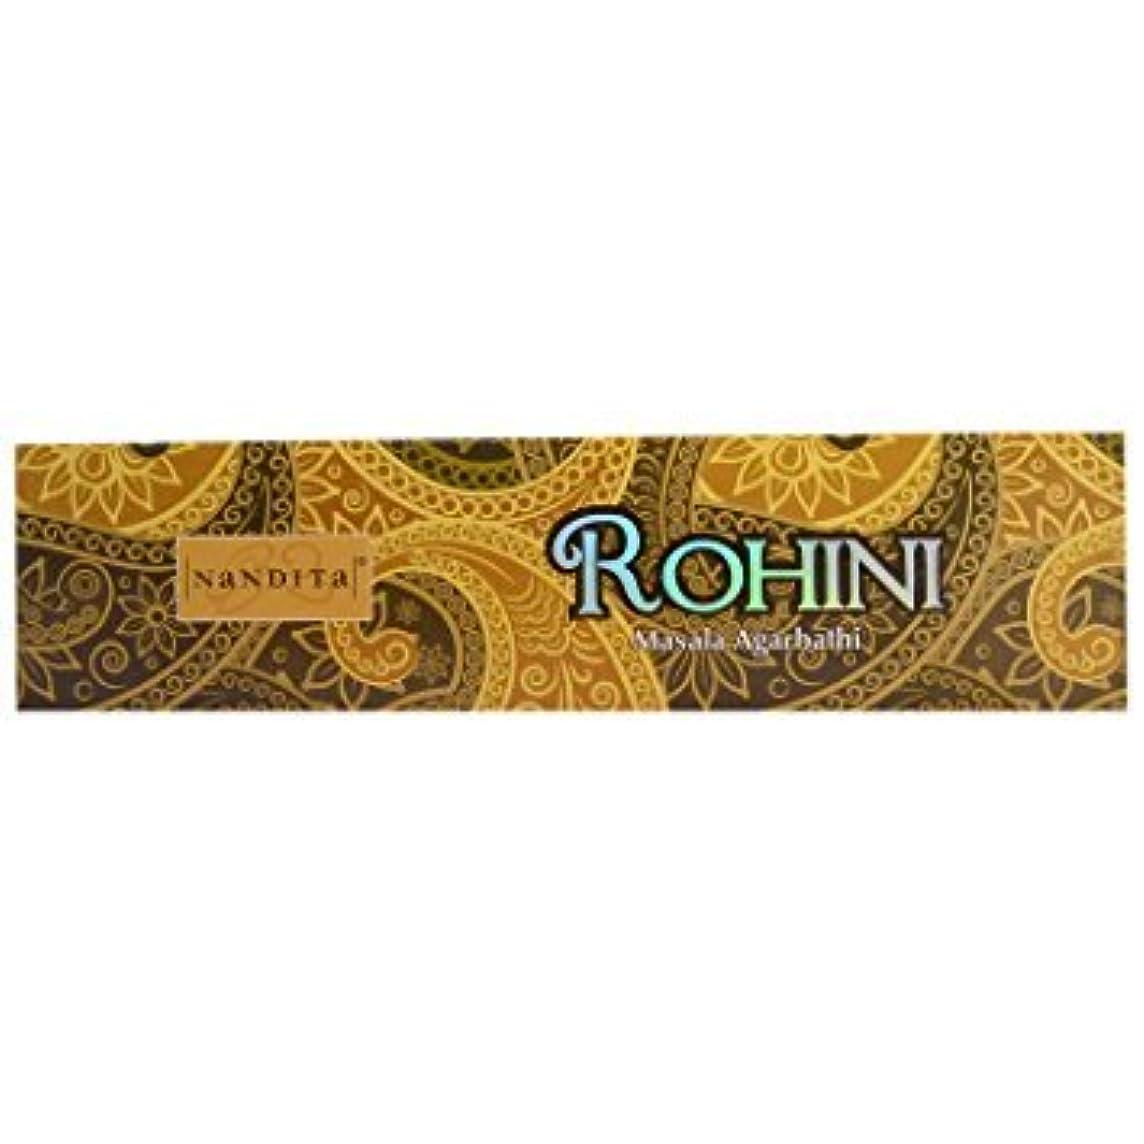 り預言者バリアNandita Rohini Incense Sticks Masala Agarbathi 50 gボックス ブラウン